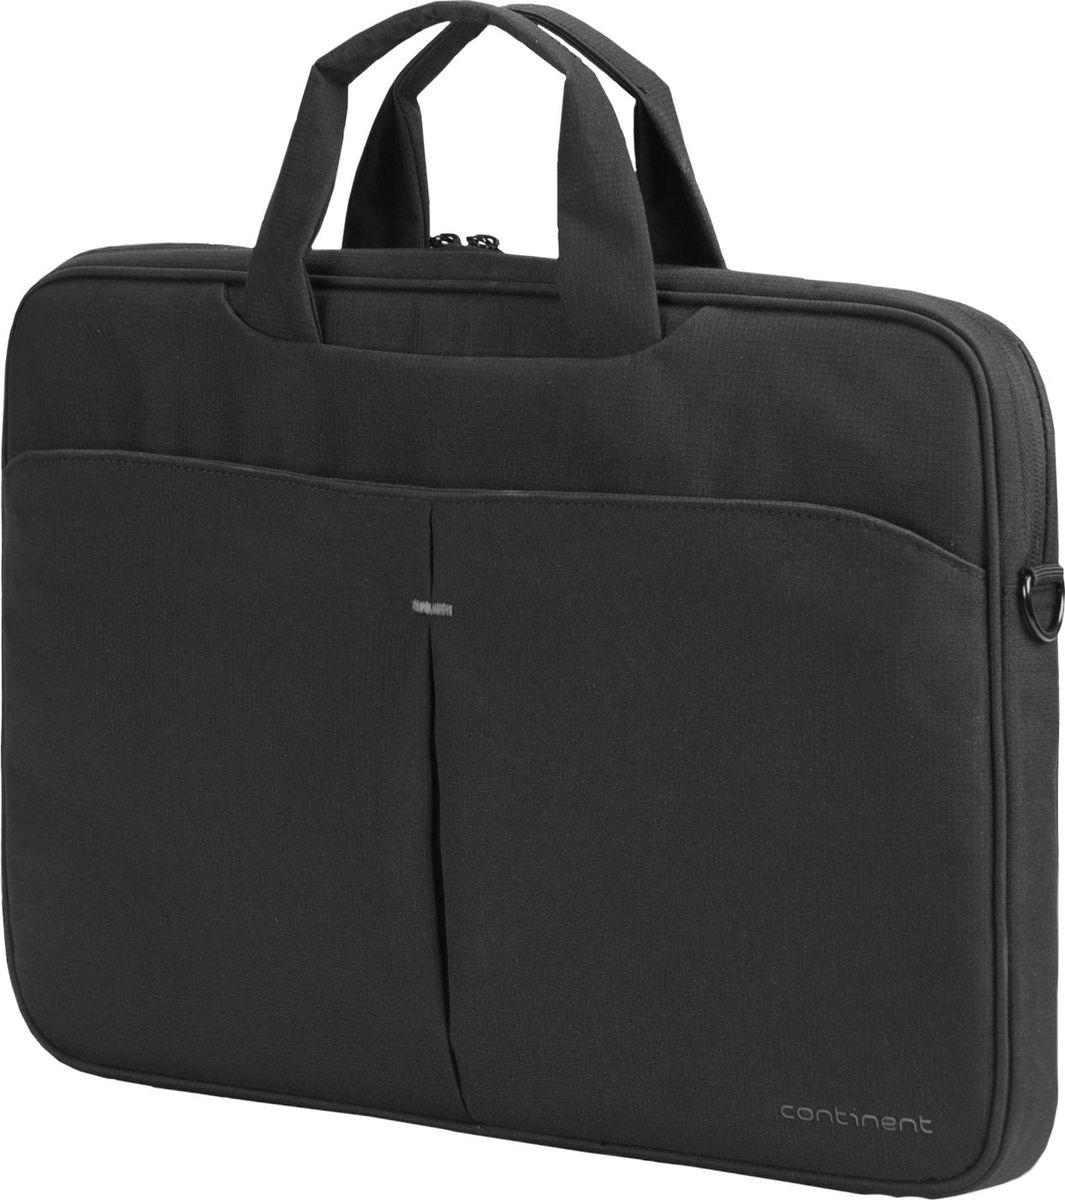 Continent CC-012, Black сумка для ноутбука 15,600-5000353Сумка для ноутбука Continent CC-012 изготовлена из прочного и водоотталкивающего материала - нейлона. Таким образом, используя модель Continent CC-012, вы можете переносить ноутбук даже в дождливую погоду. При этом влага не попадет внутрь устройства, если вы надежно застегнули молнию. На передней части чехла расположен большой карман, который разделен на две ровные части. Там вы можете хранить блокнот, телефон или ручки. Дополнительные предметы всегда будут у вас под рукой.